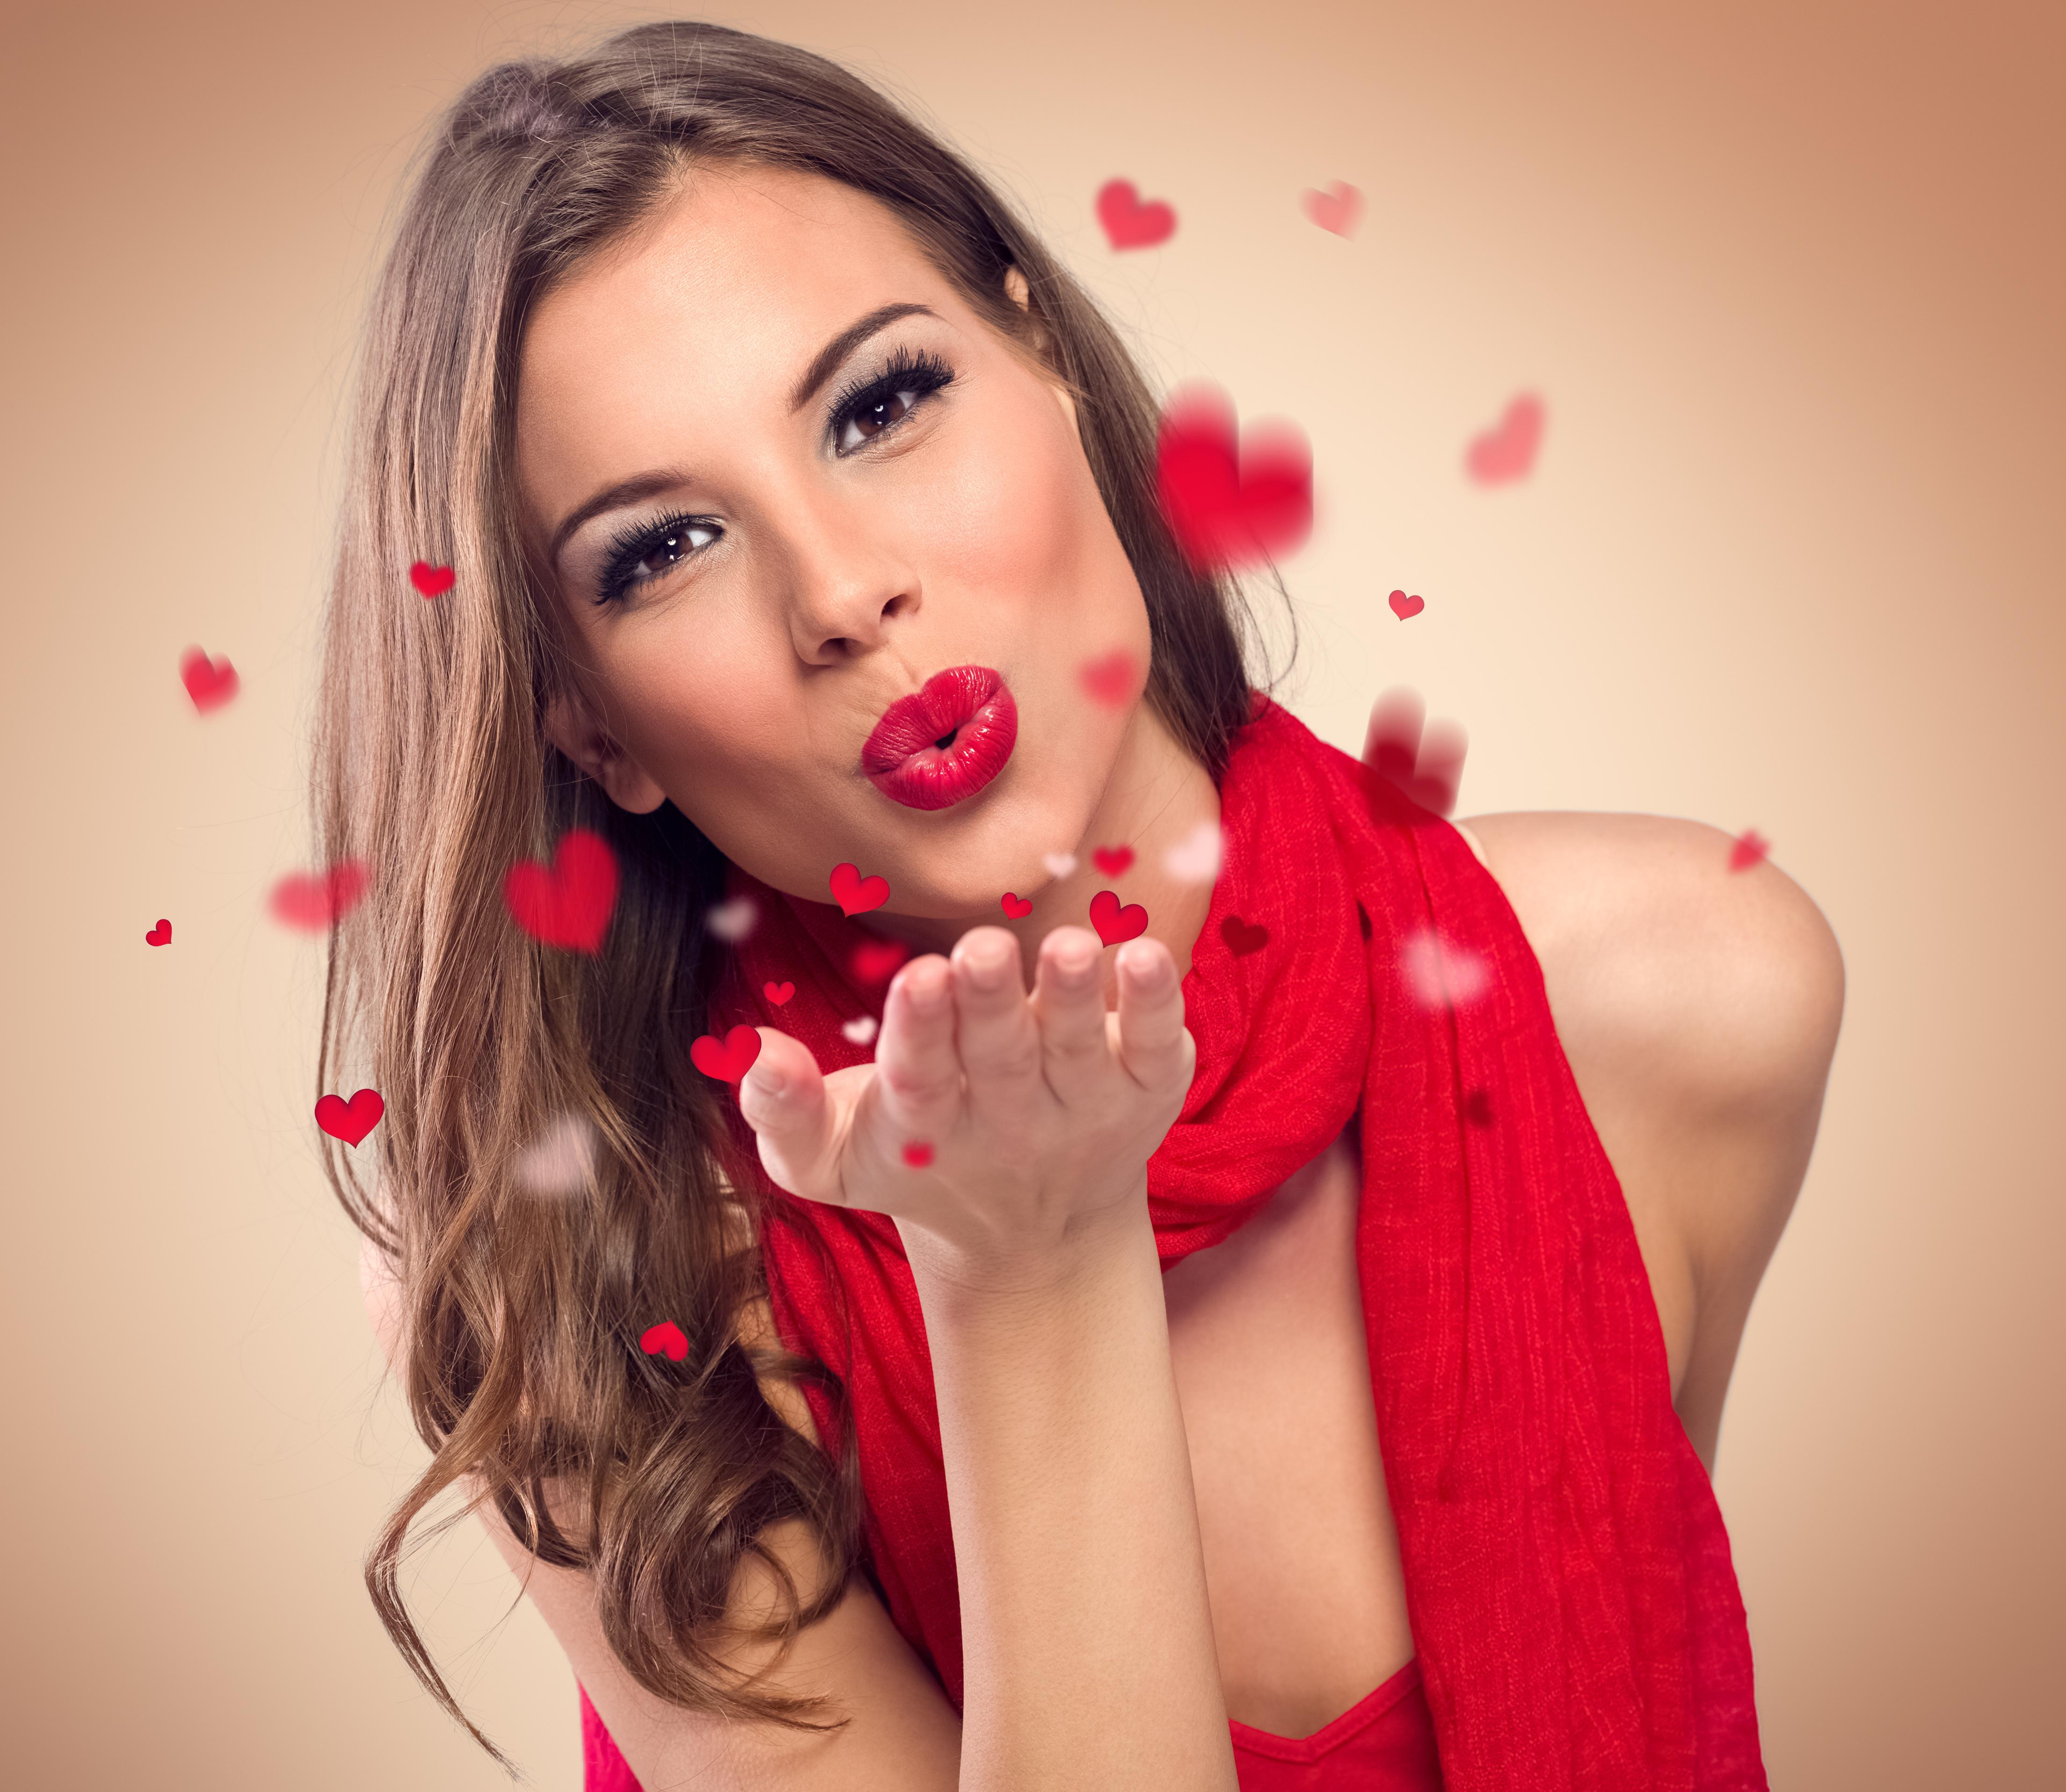 лук гифки с воздушными поцелуями красивые понял